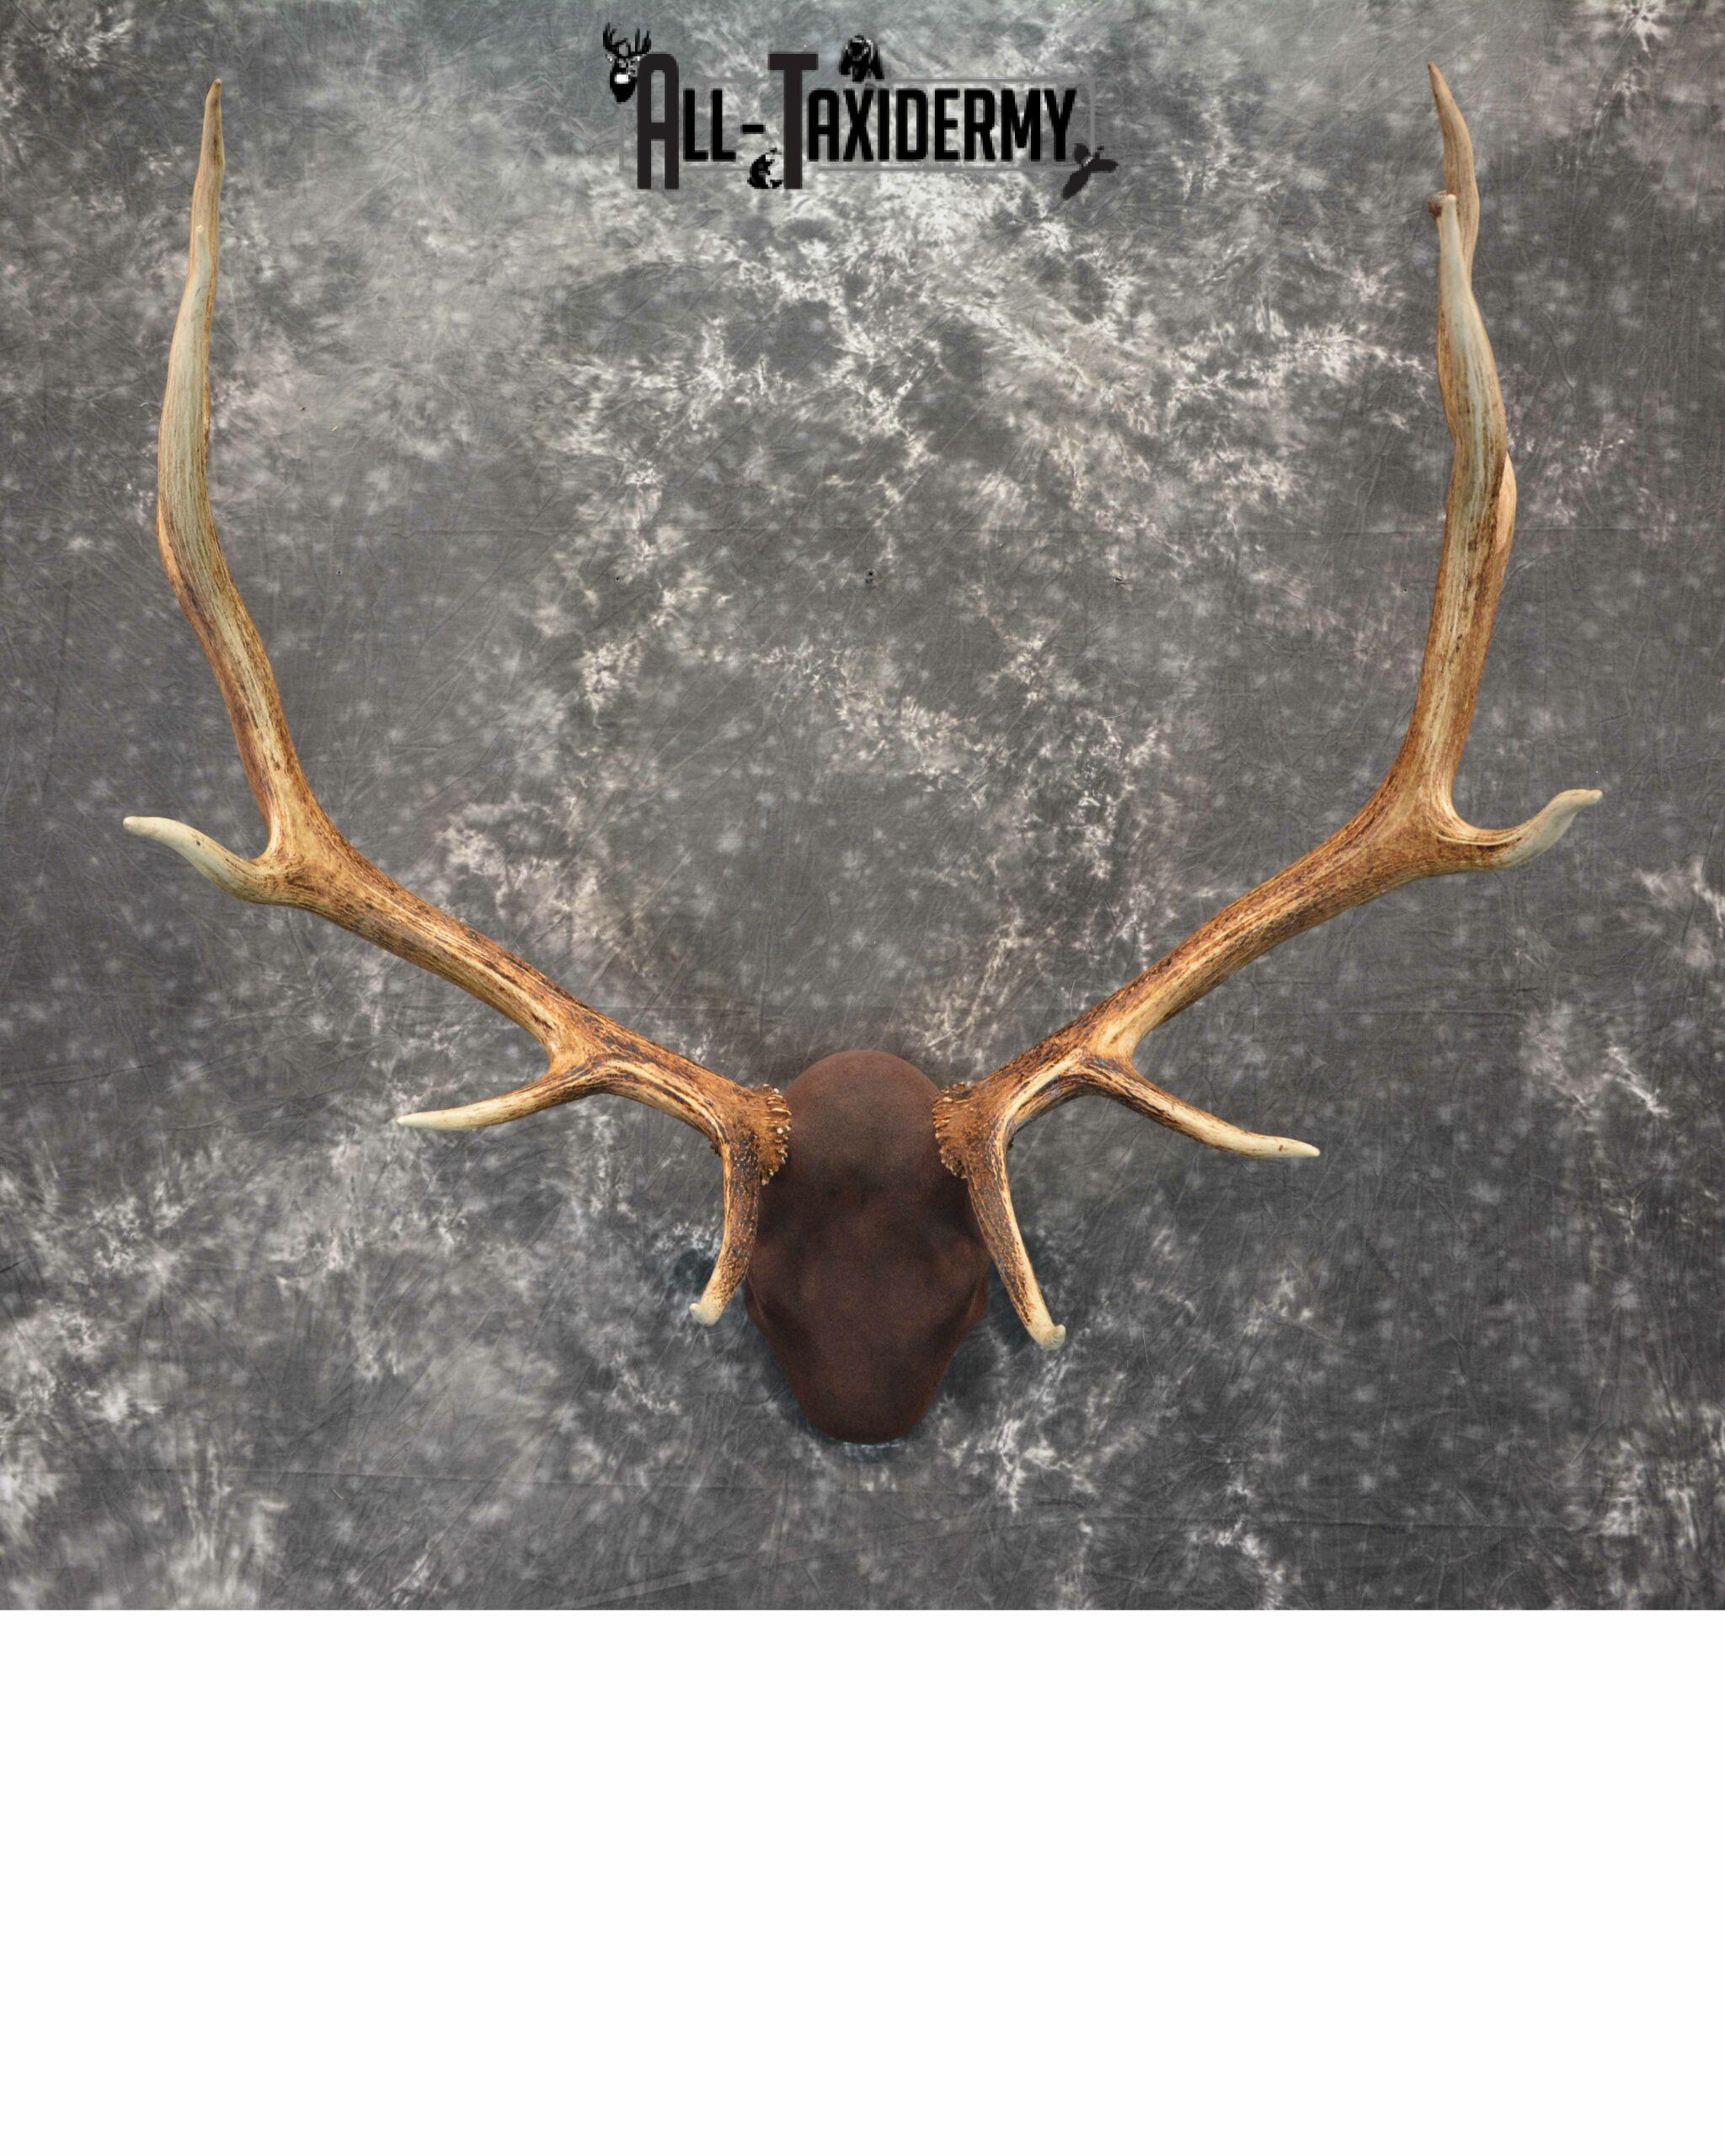 Elk antler base taxidermy mount for sale SKU 1084